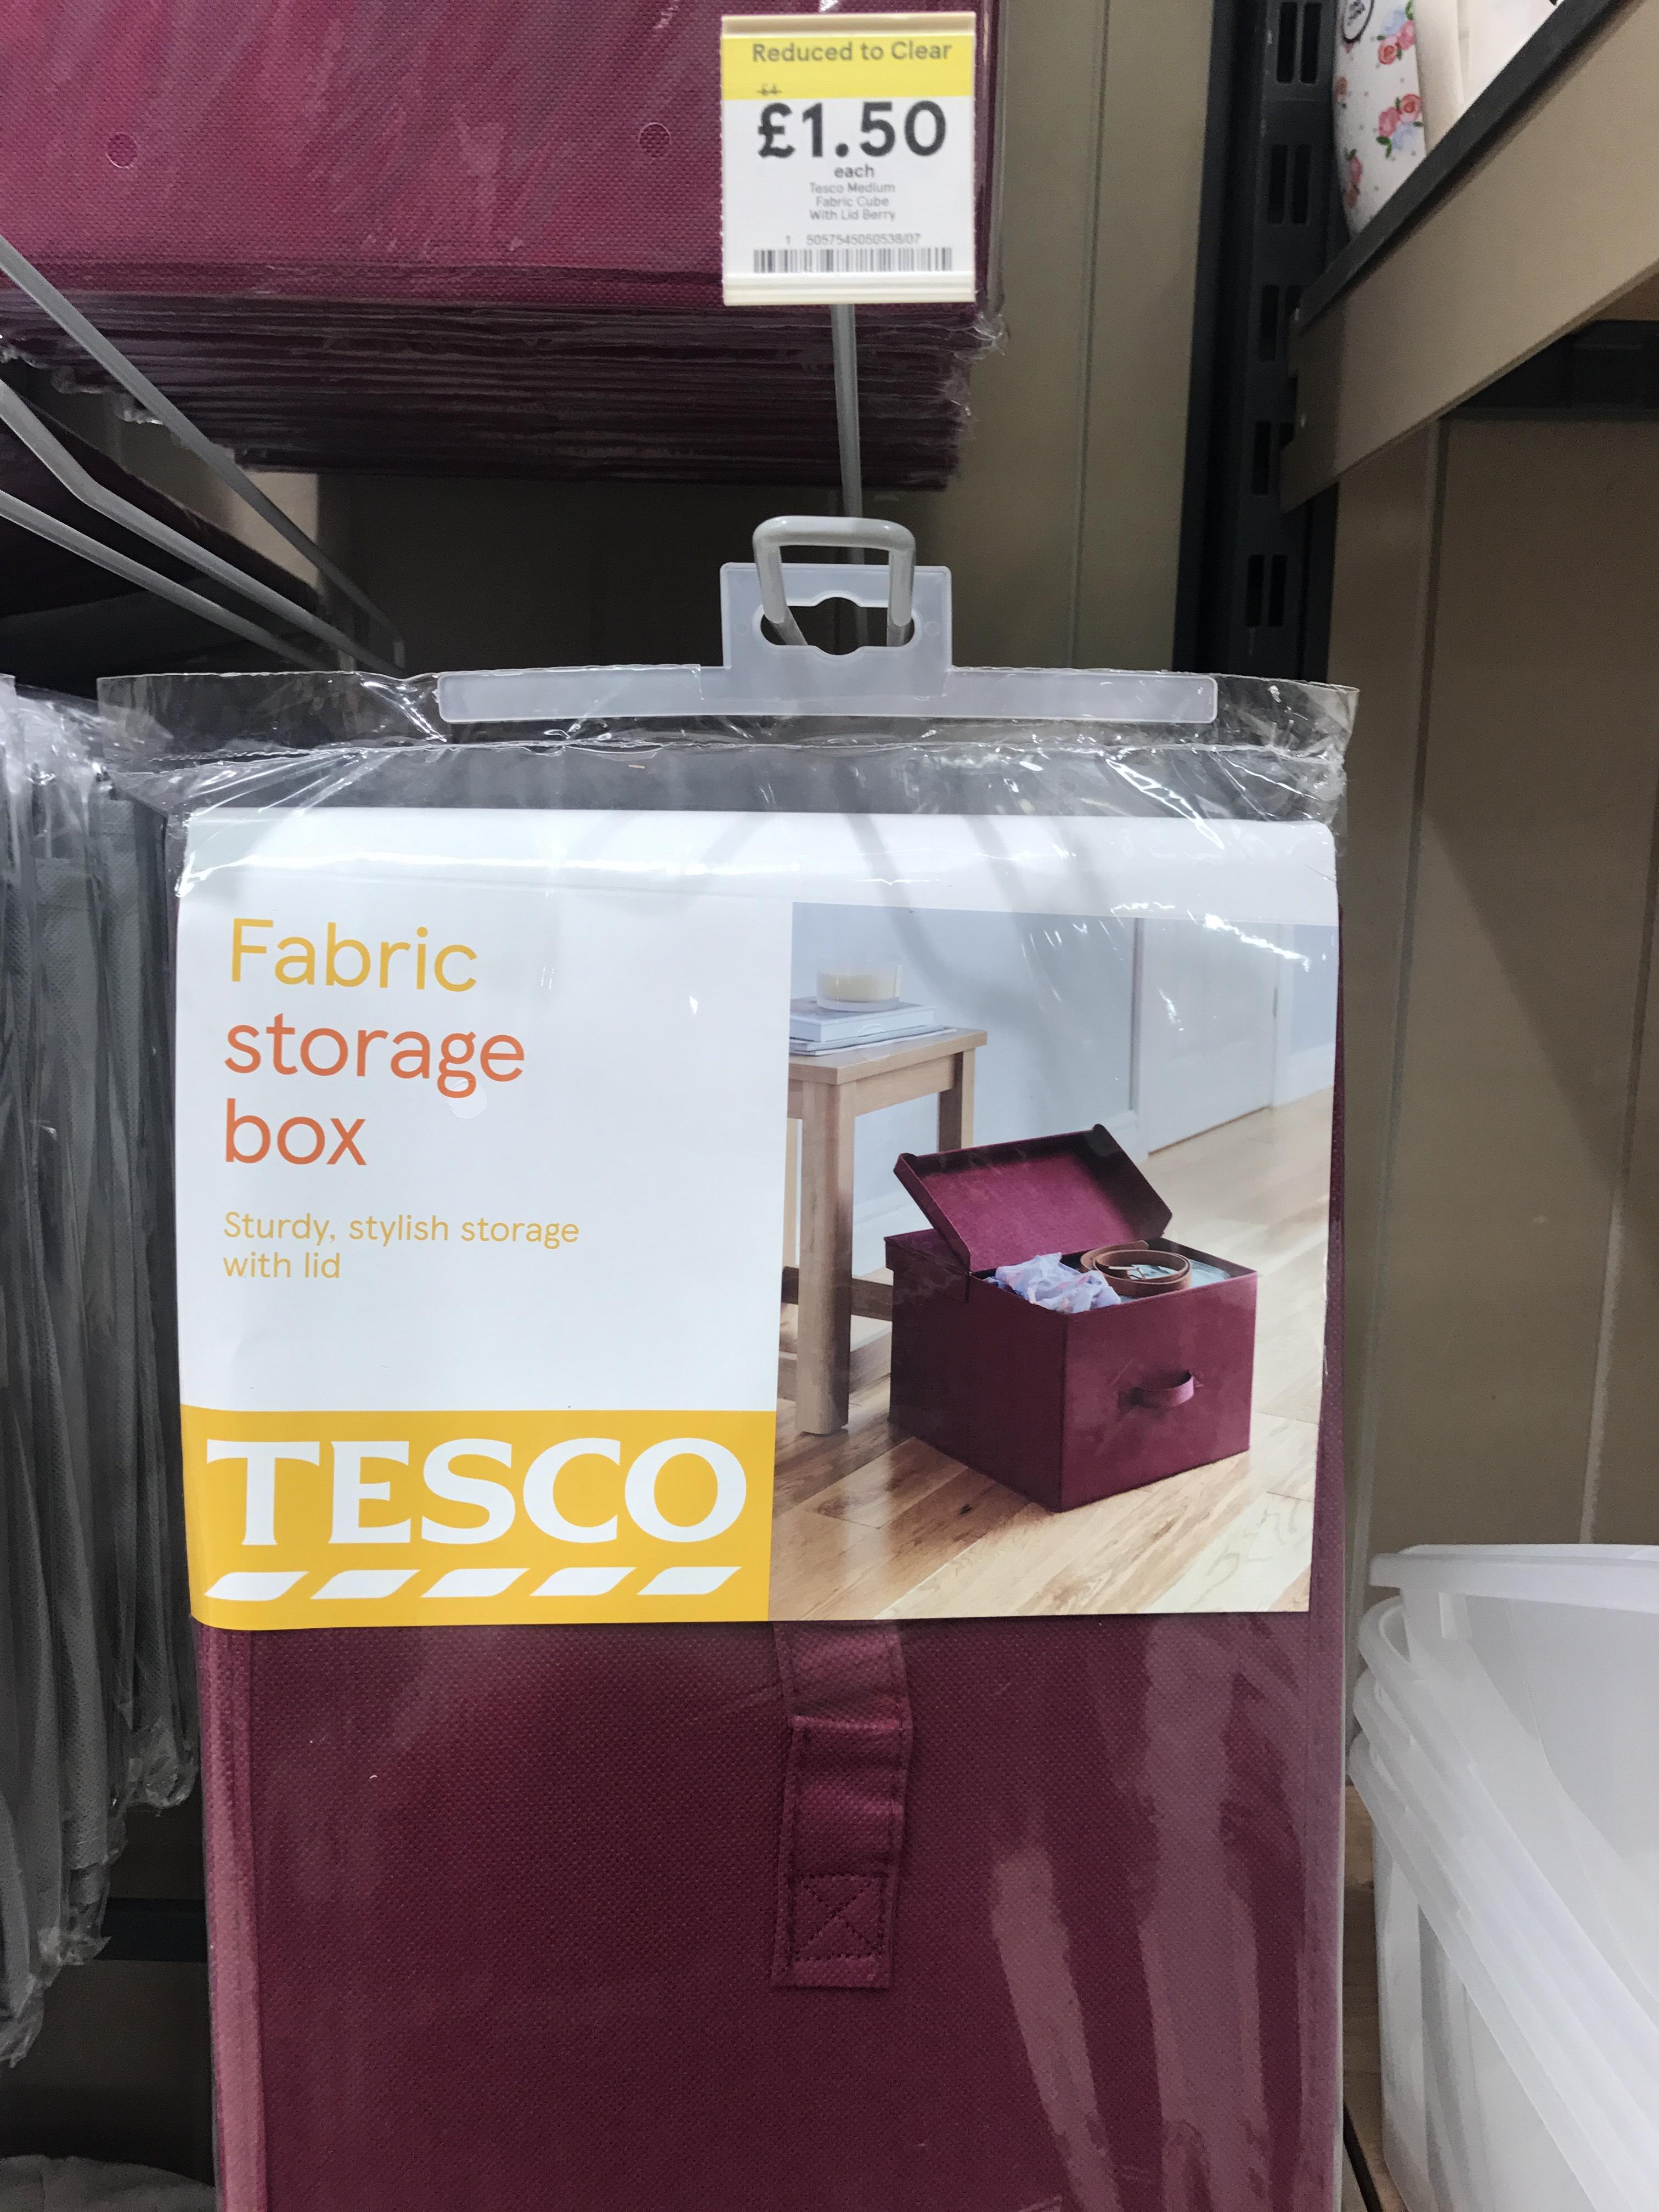 Tesco Fabric Storage Boxes NOW £1.00 @ Tesco